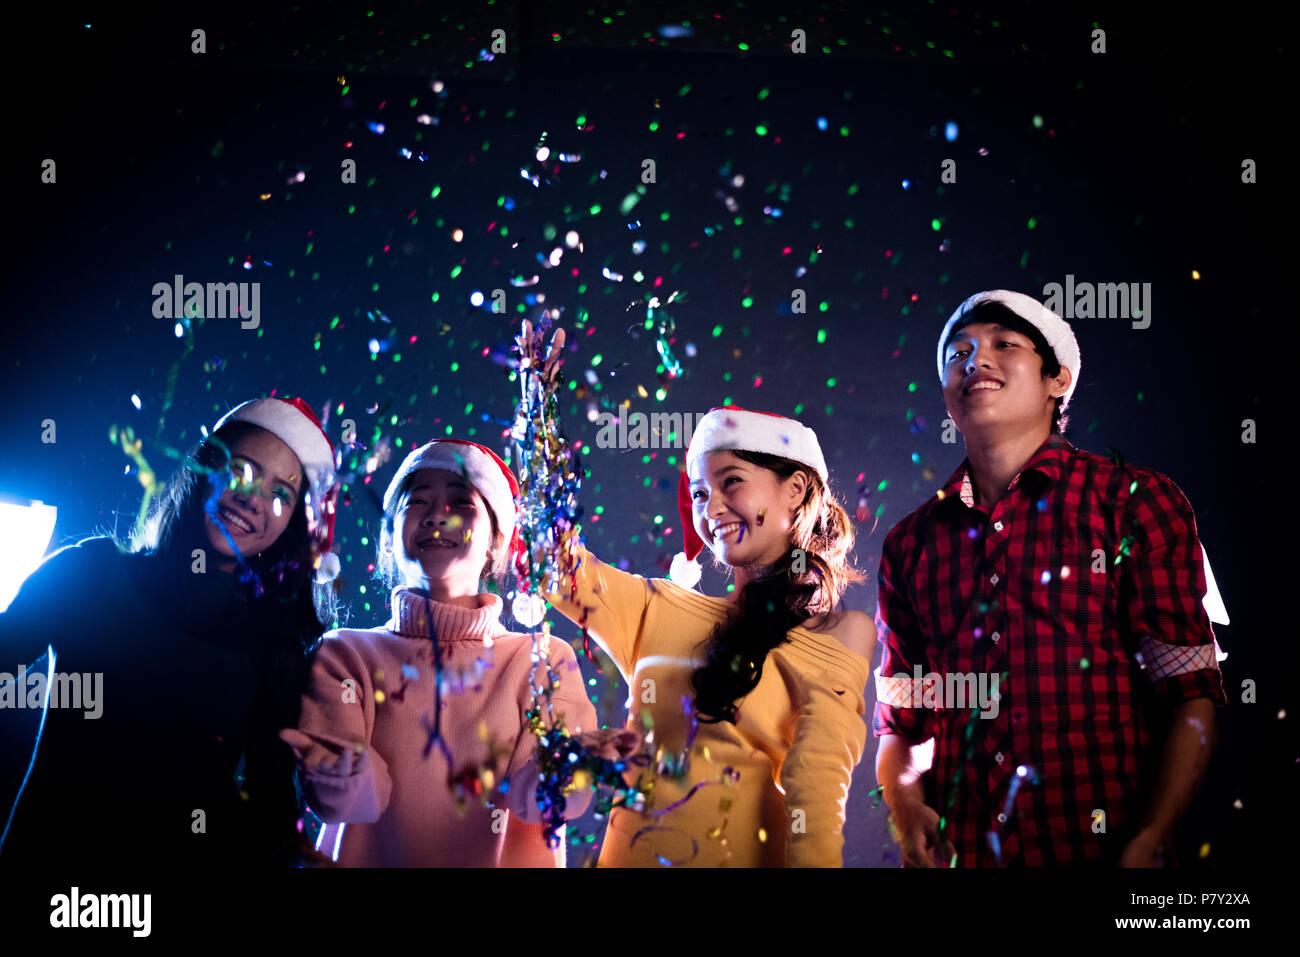 Weihnachtsfeier Unterhaltung.Gruppe Von Asiatischen Menschen Feiern Das Neue Jahr Party Im Night